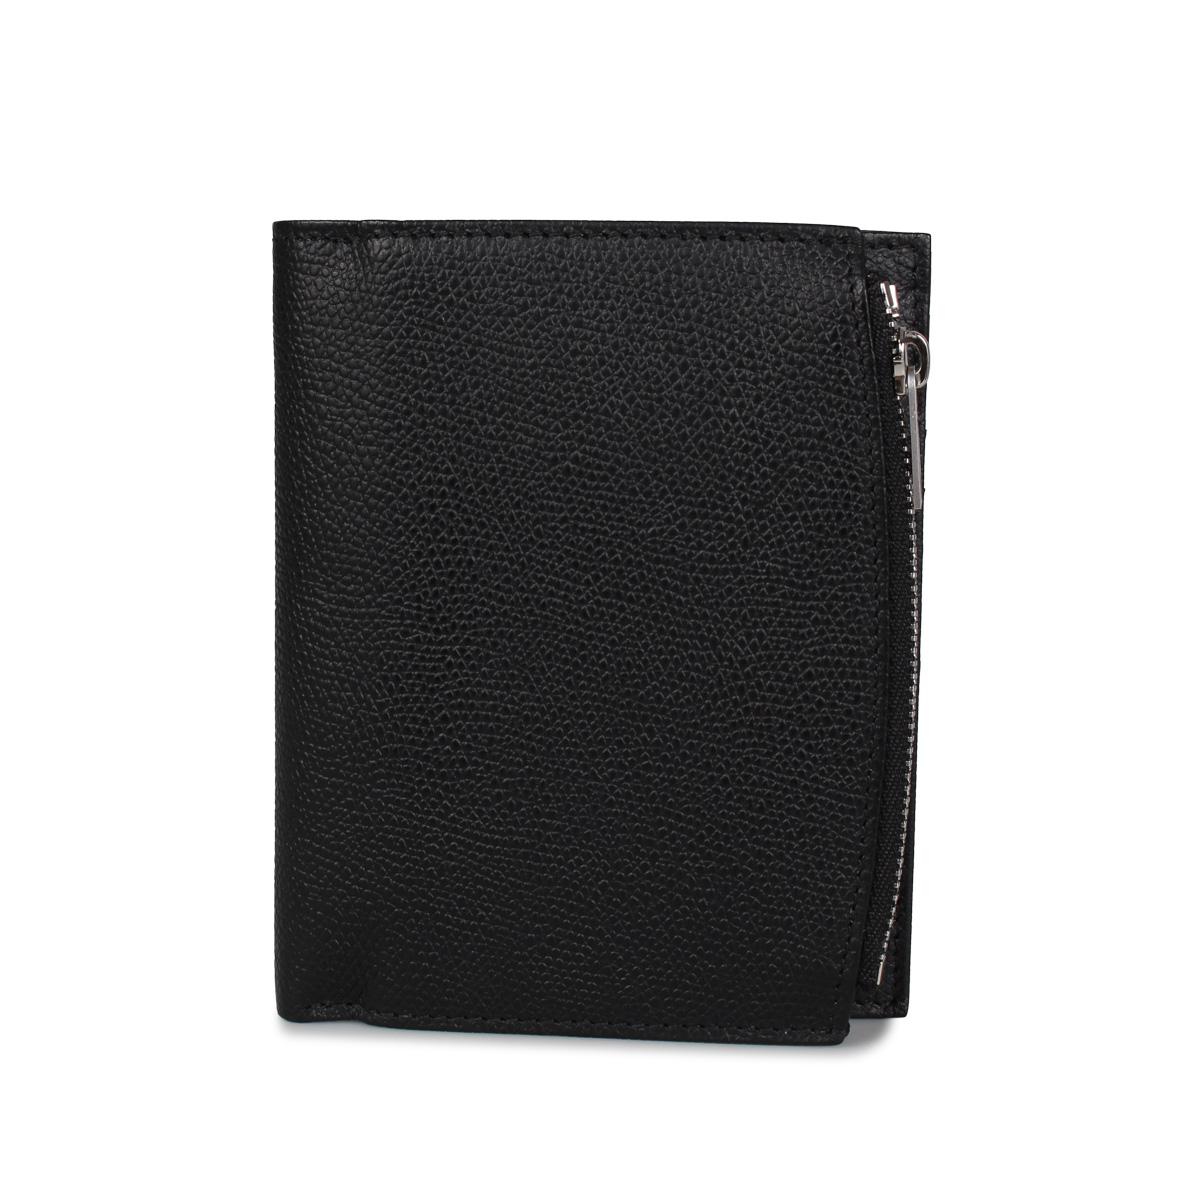 MAISON MARGIELA WALLET メゾンマルジェラ 財布 二つ折り メンズ レディース ブラック 黒 S35UI0437 [7/15 新入荷]